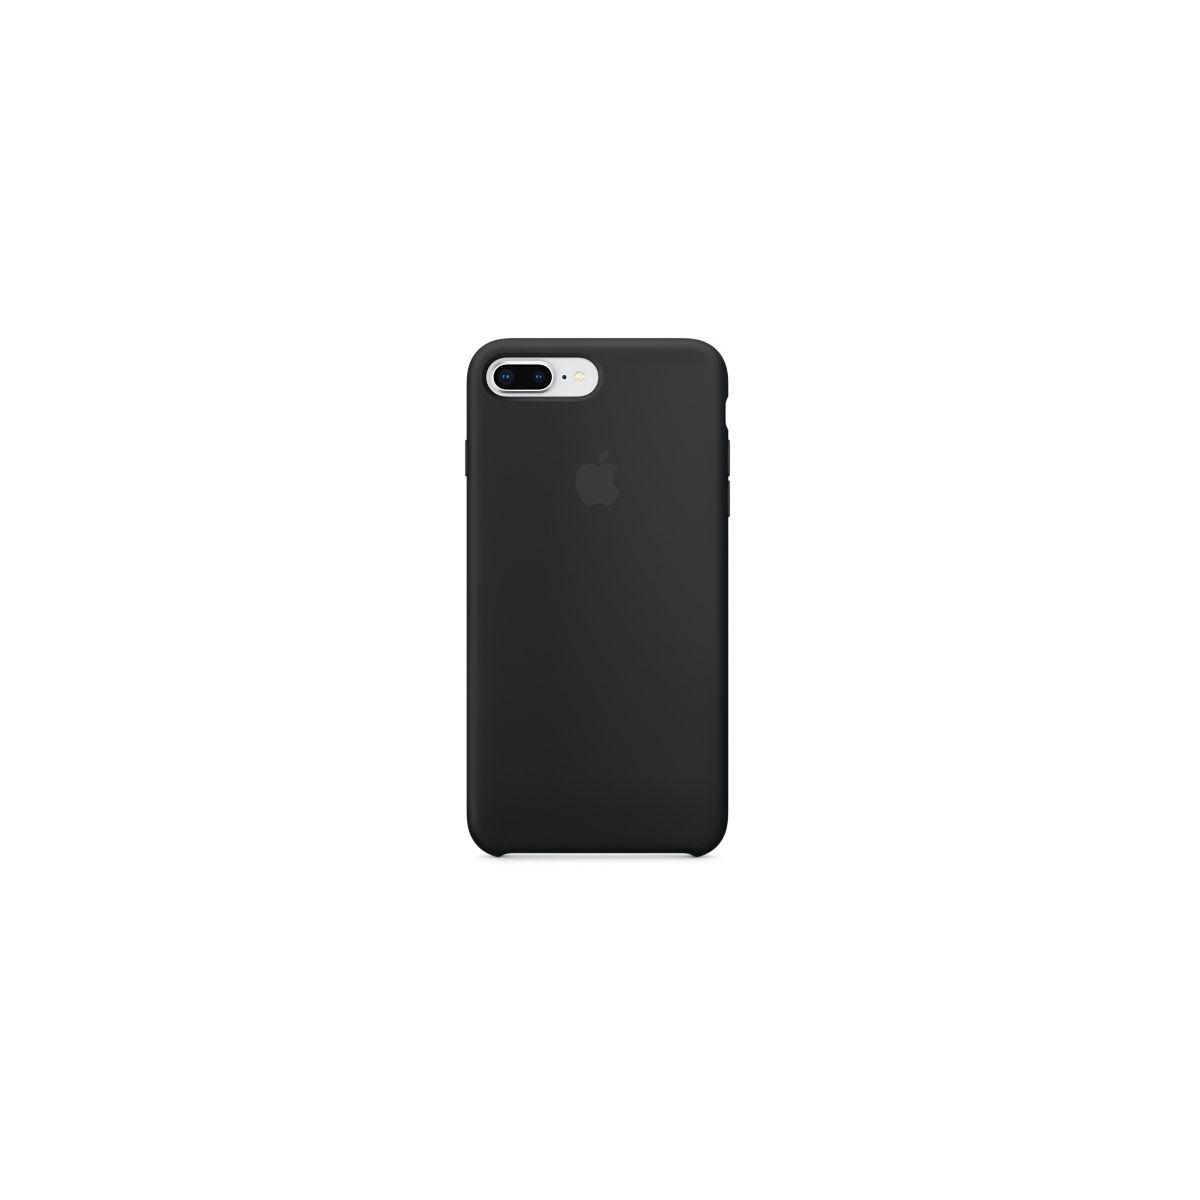 Coque APPLE iPhone 7/8 Plus silicone noi (photo)